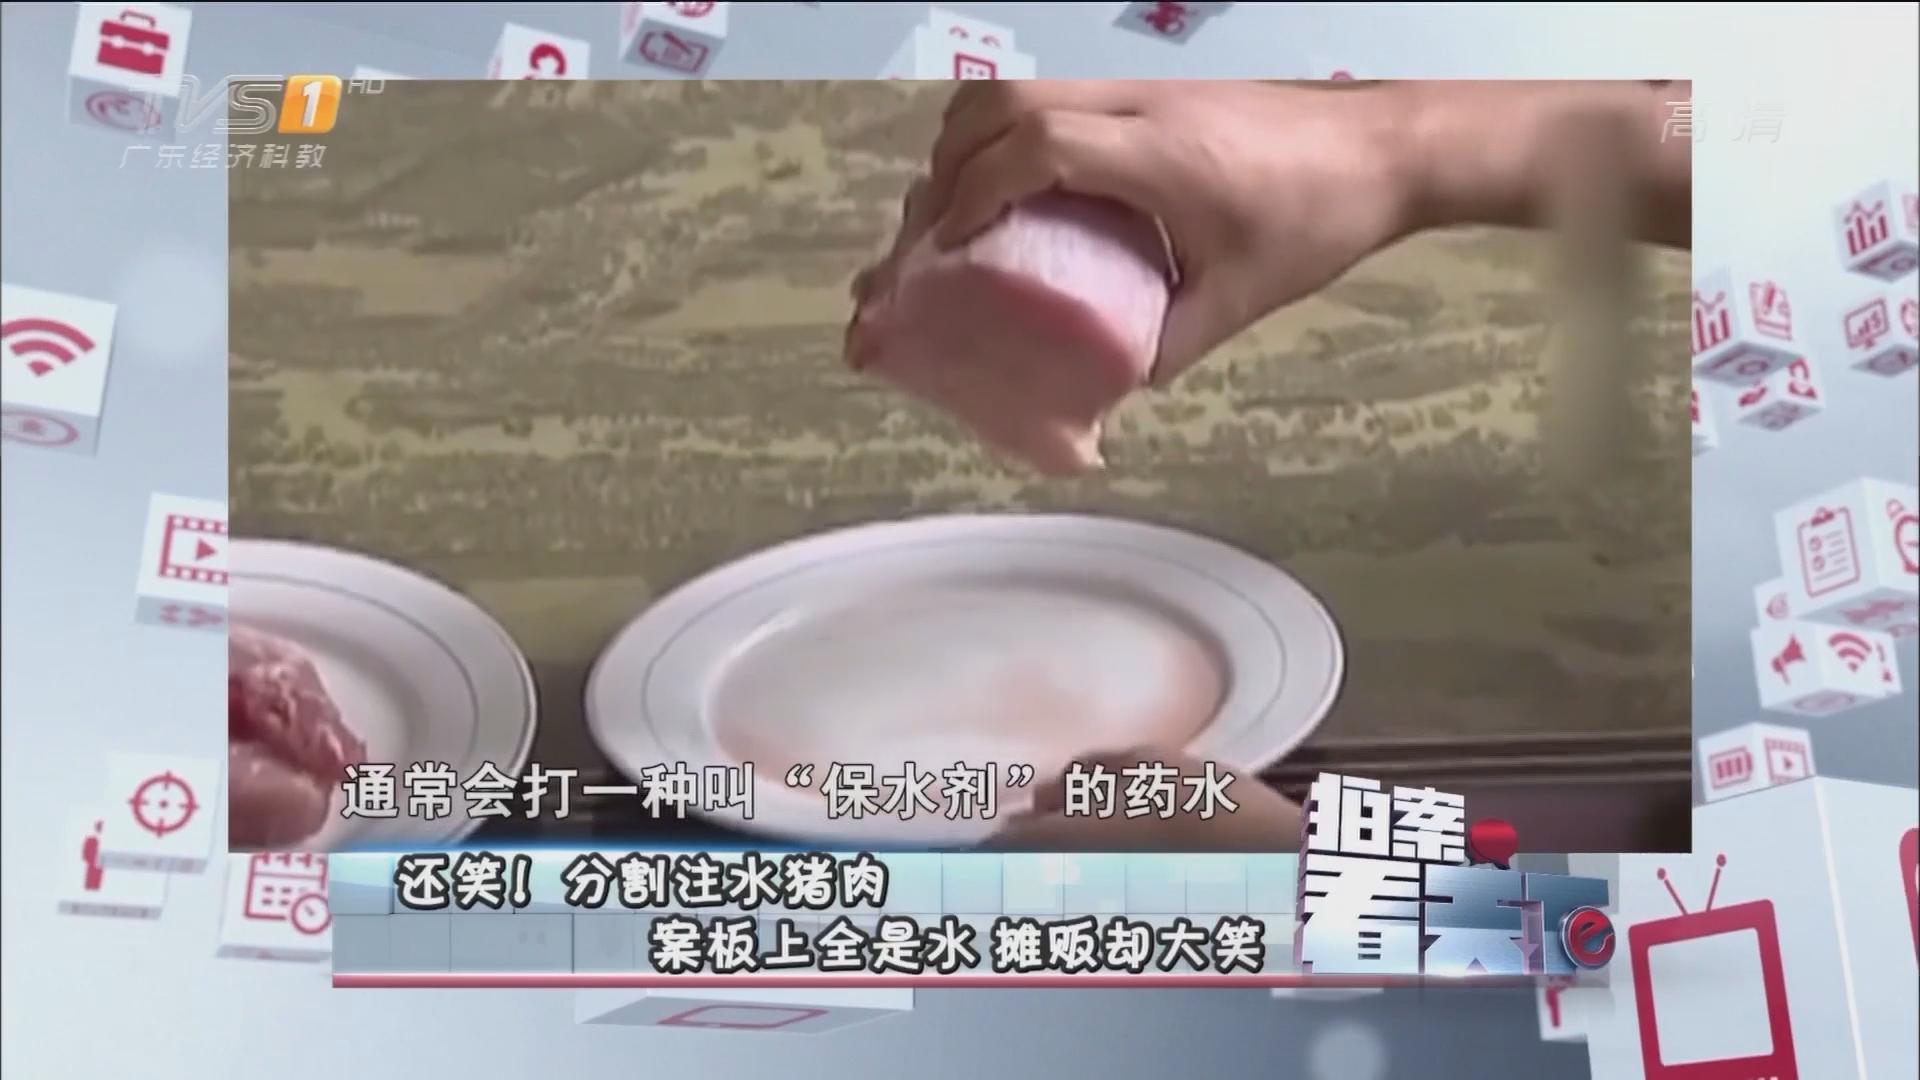 还笑!分割注水猪肉 案板上全是水 摊贩却大笑